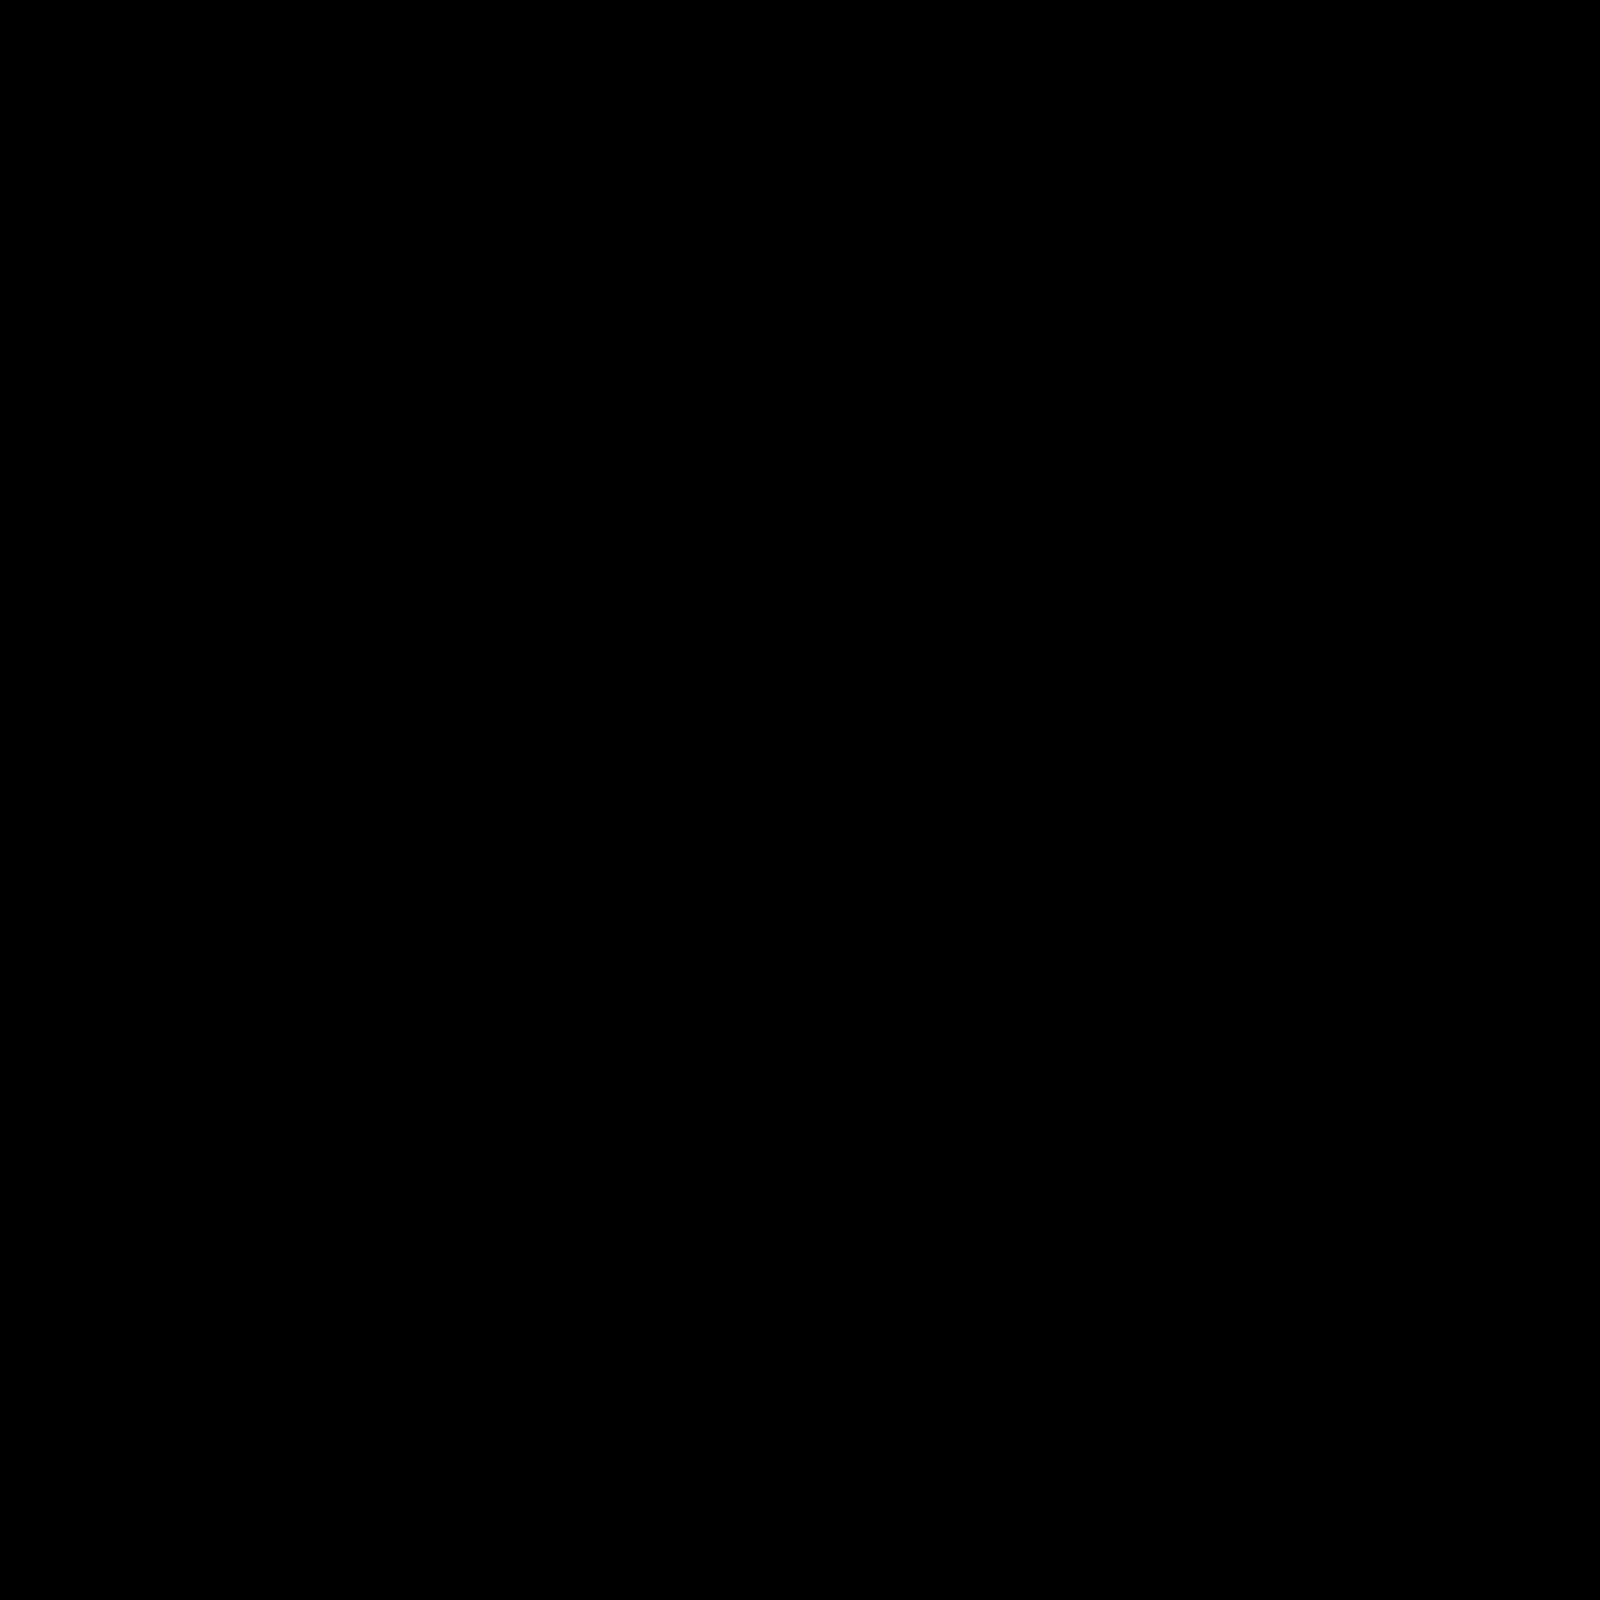 Marceline Filled icon